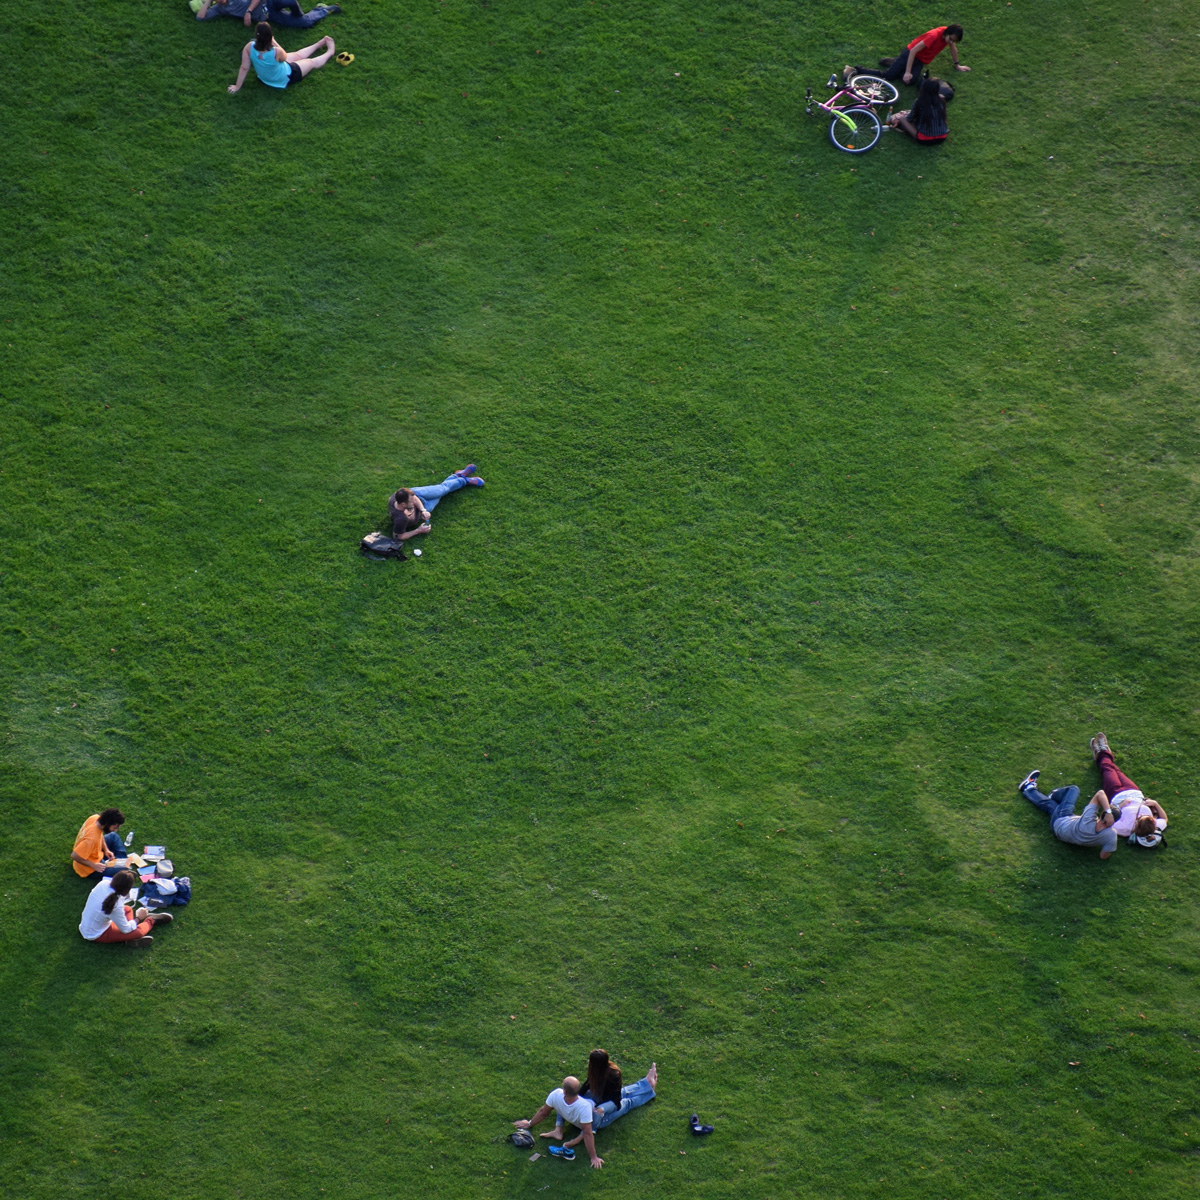 berlin-dome-grass.jpg